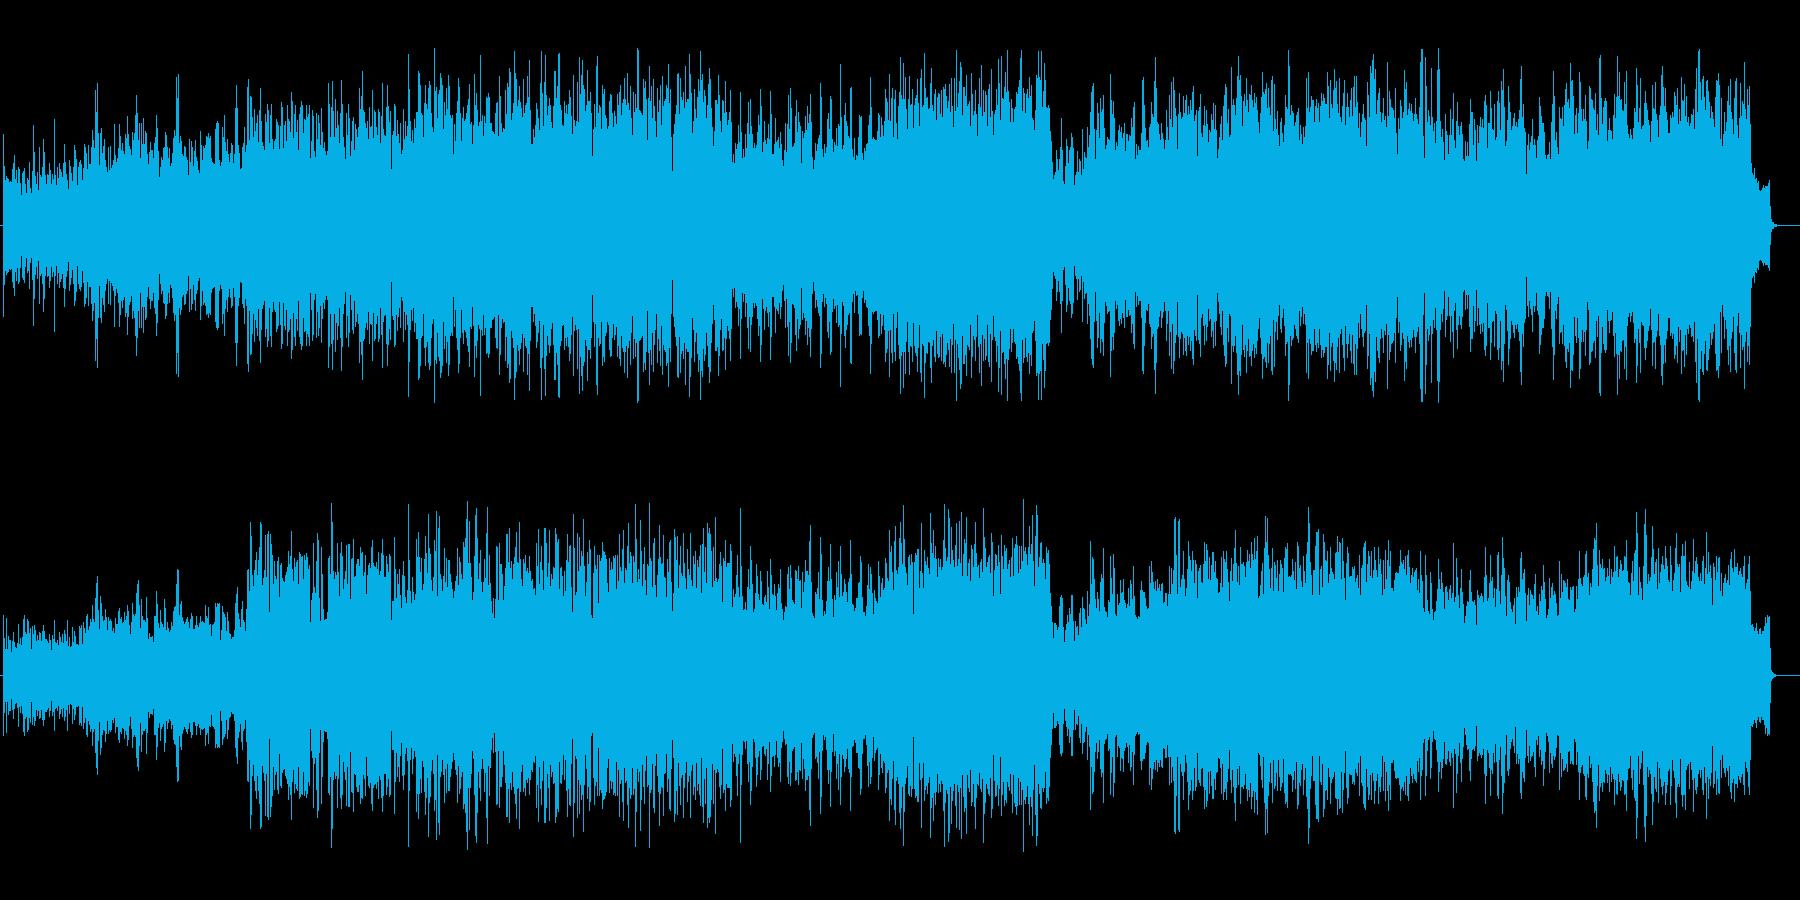 アイリッシュ・ケルト・伝統の再生済みの波形